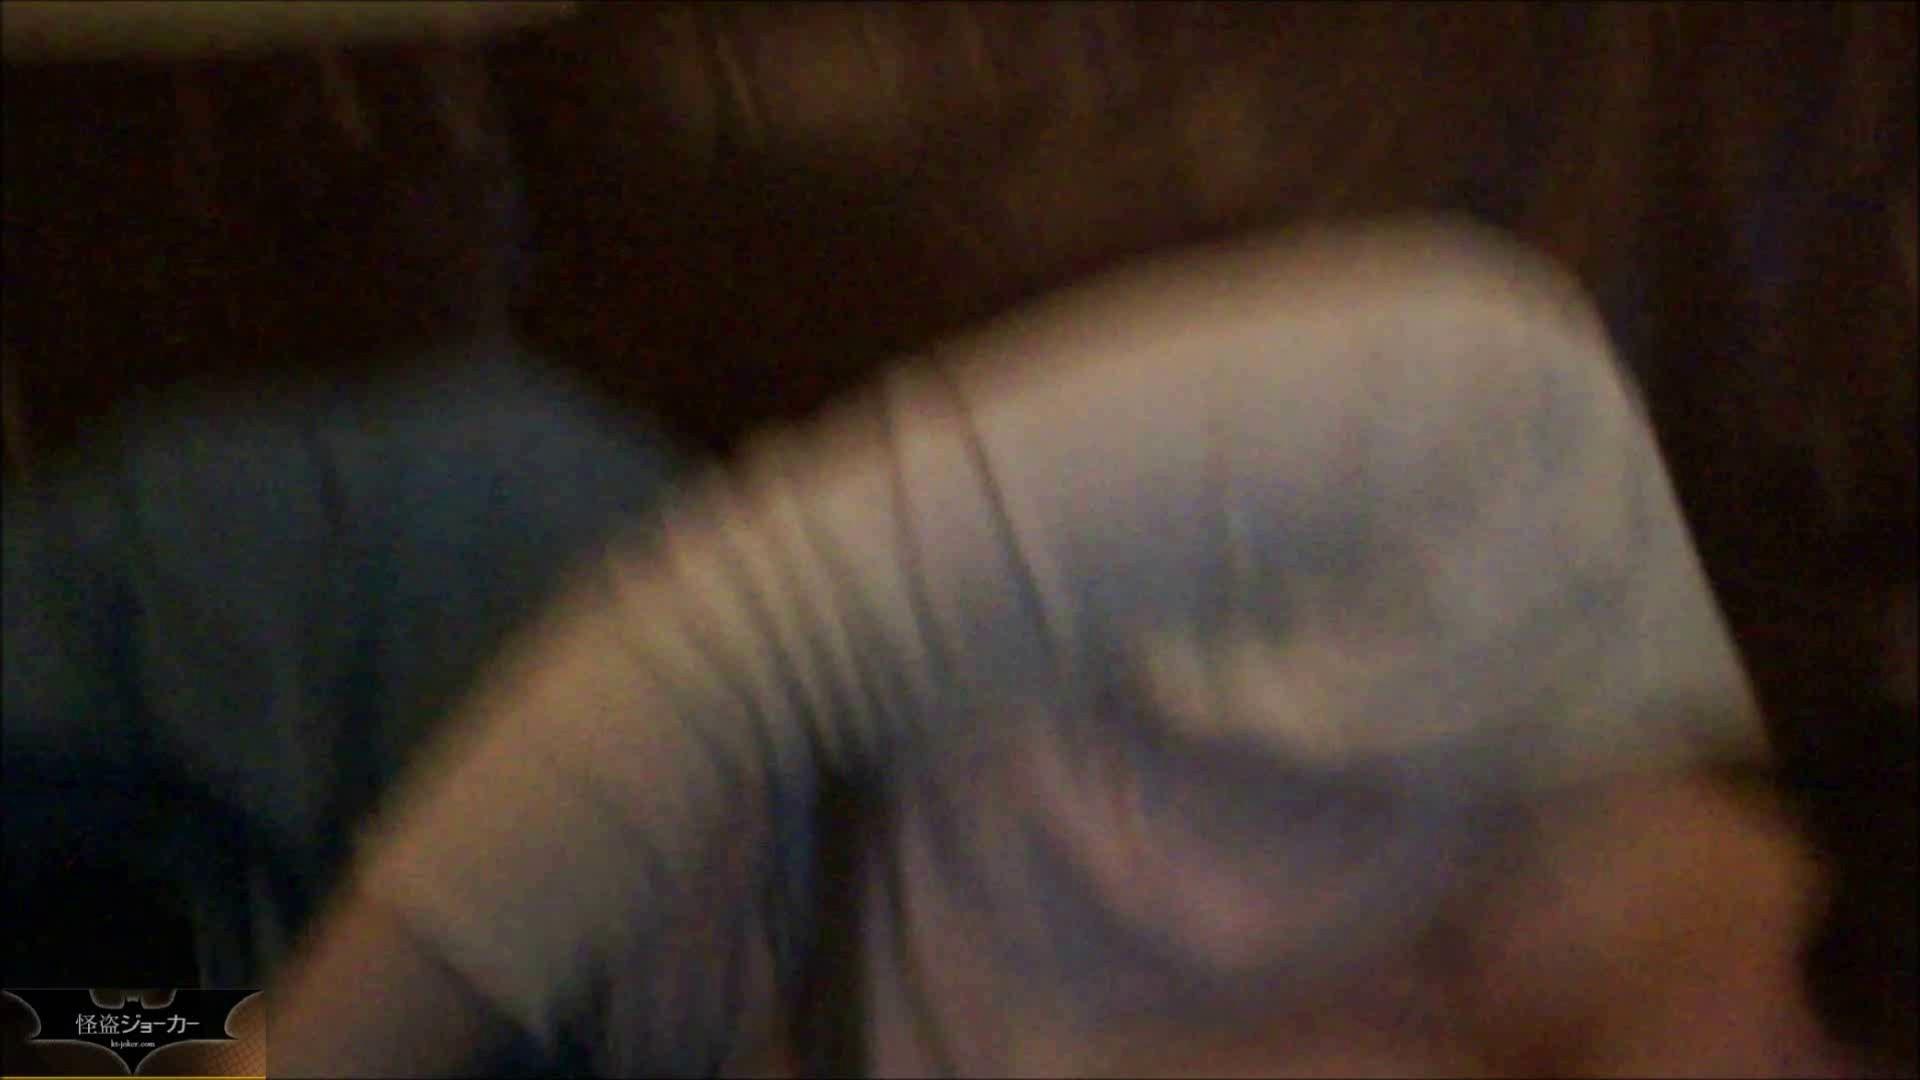 vol.2【白衣の天使・23歳】☆のりこちゃん☆カラオケで酔い潰して!! エッチなOL   リアルマンコ  104枚 43